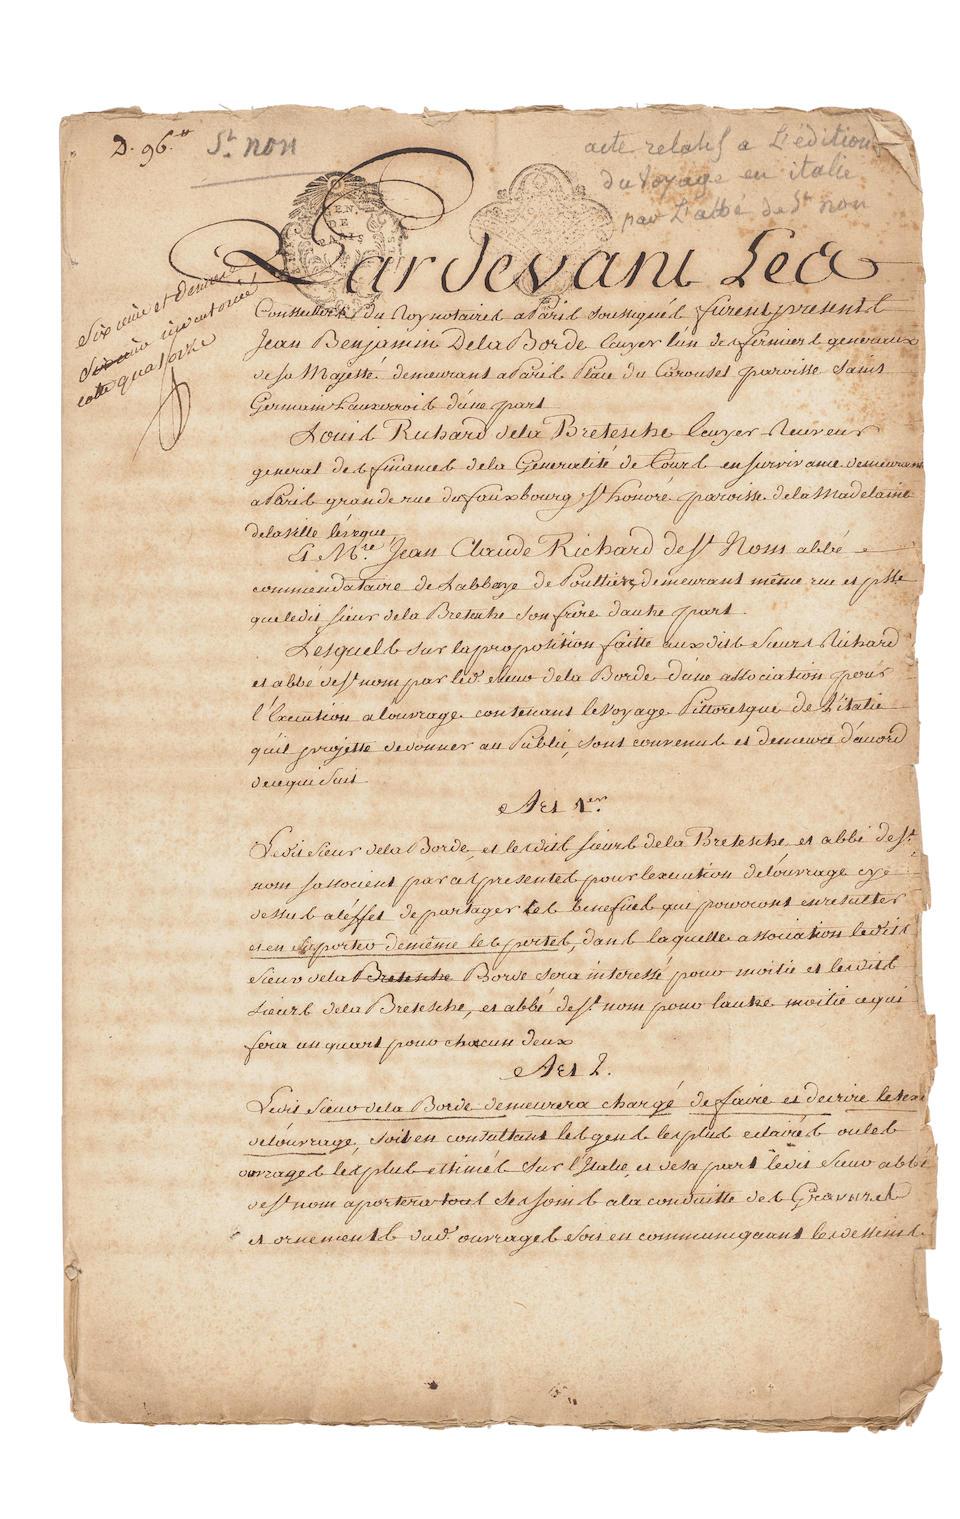 SAINT-NON, JEAN-CLAUDE RICHARD, ABBÉ DE. 1727-1791. Voyage pittoresque ou description des royaumes de Naples et de Sicile.  Paris: 1781-1786.